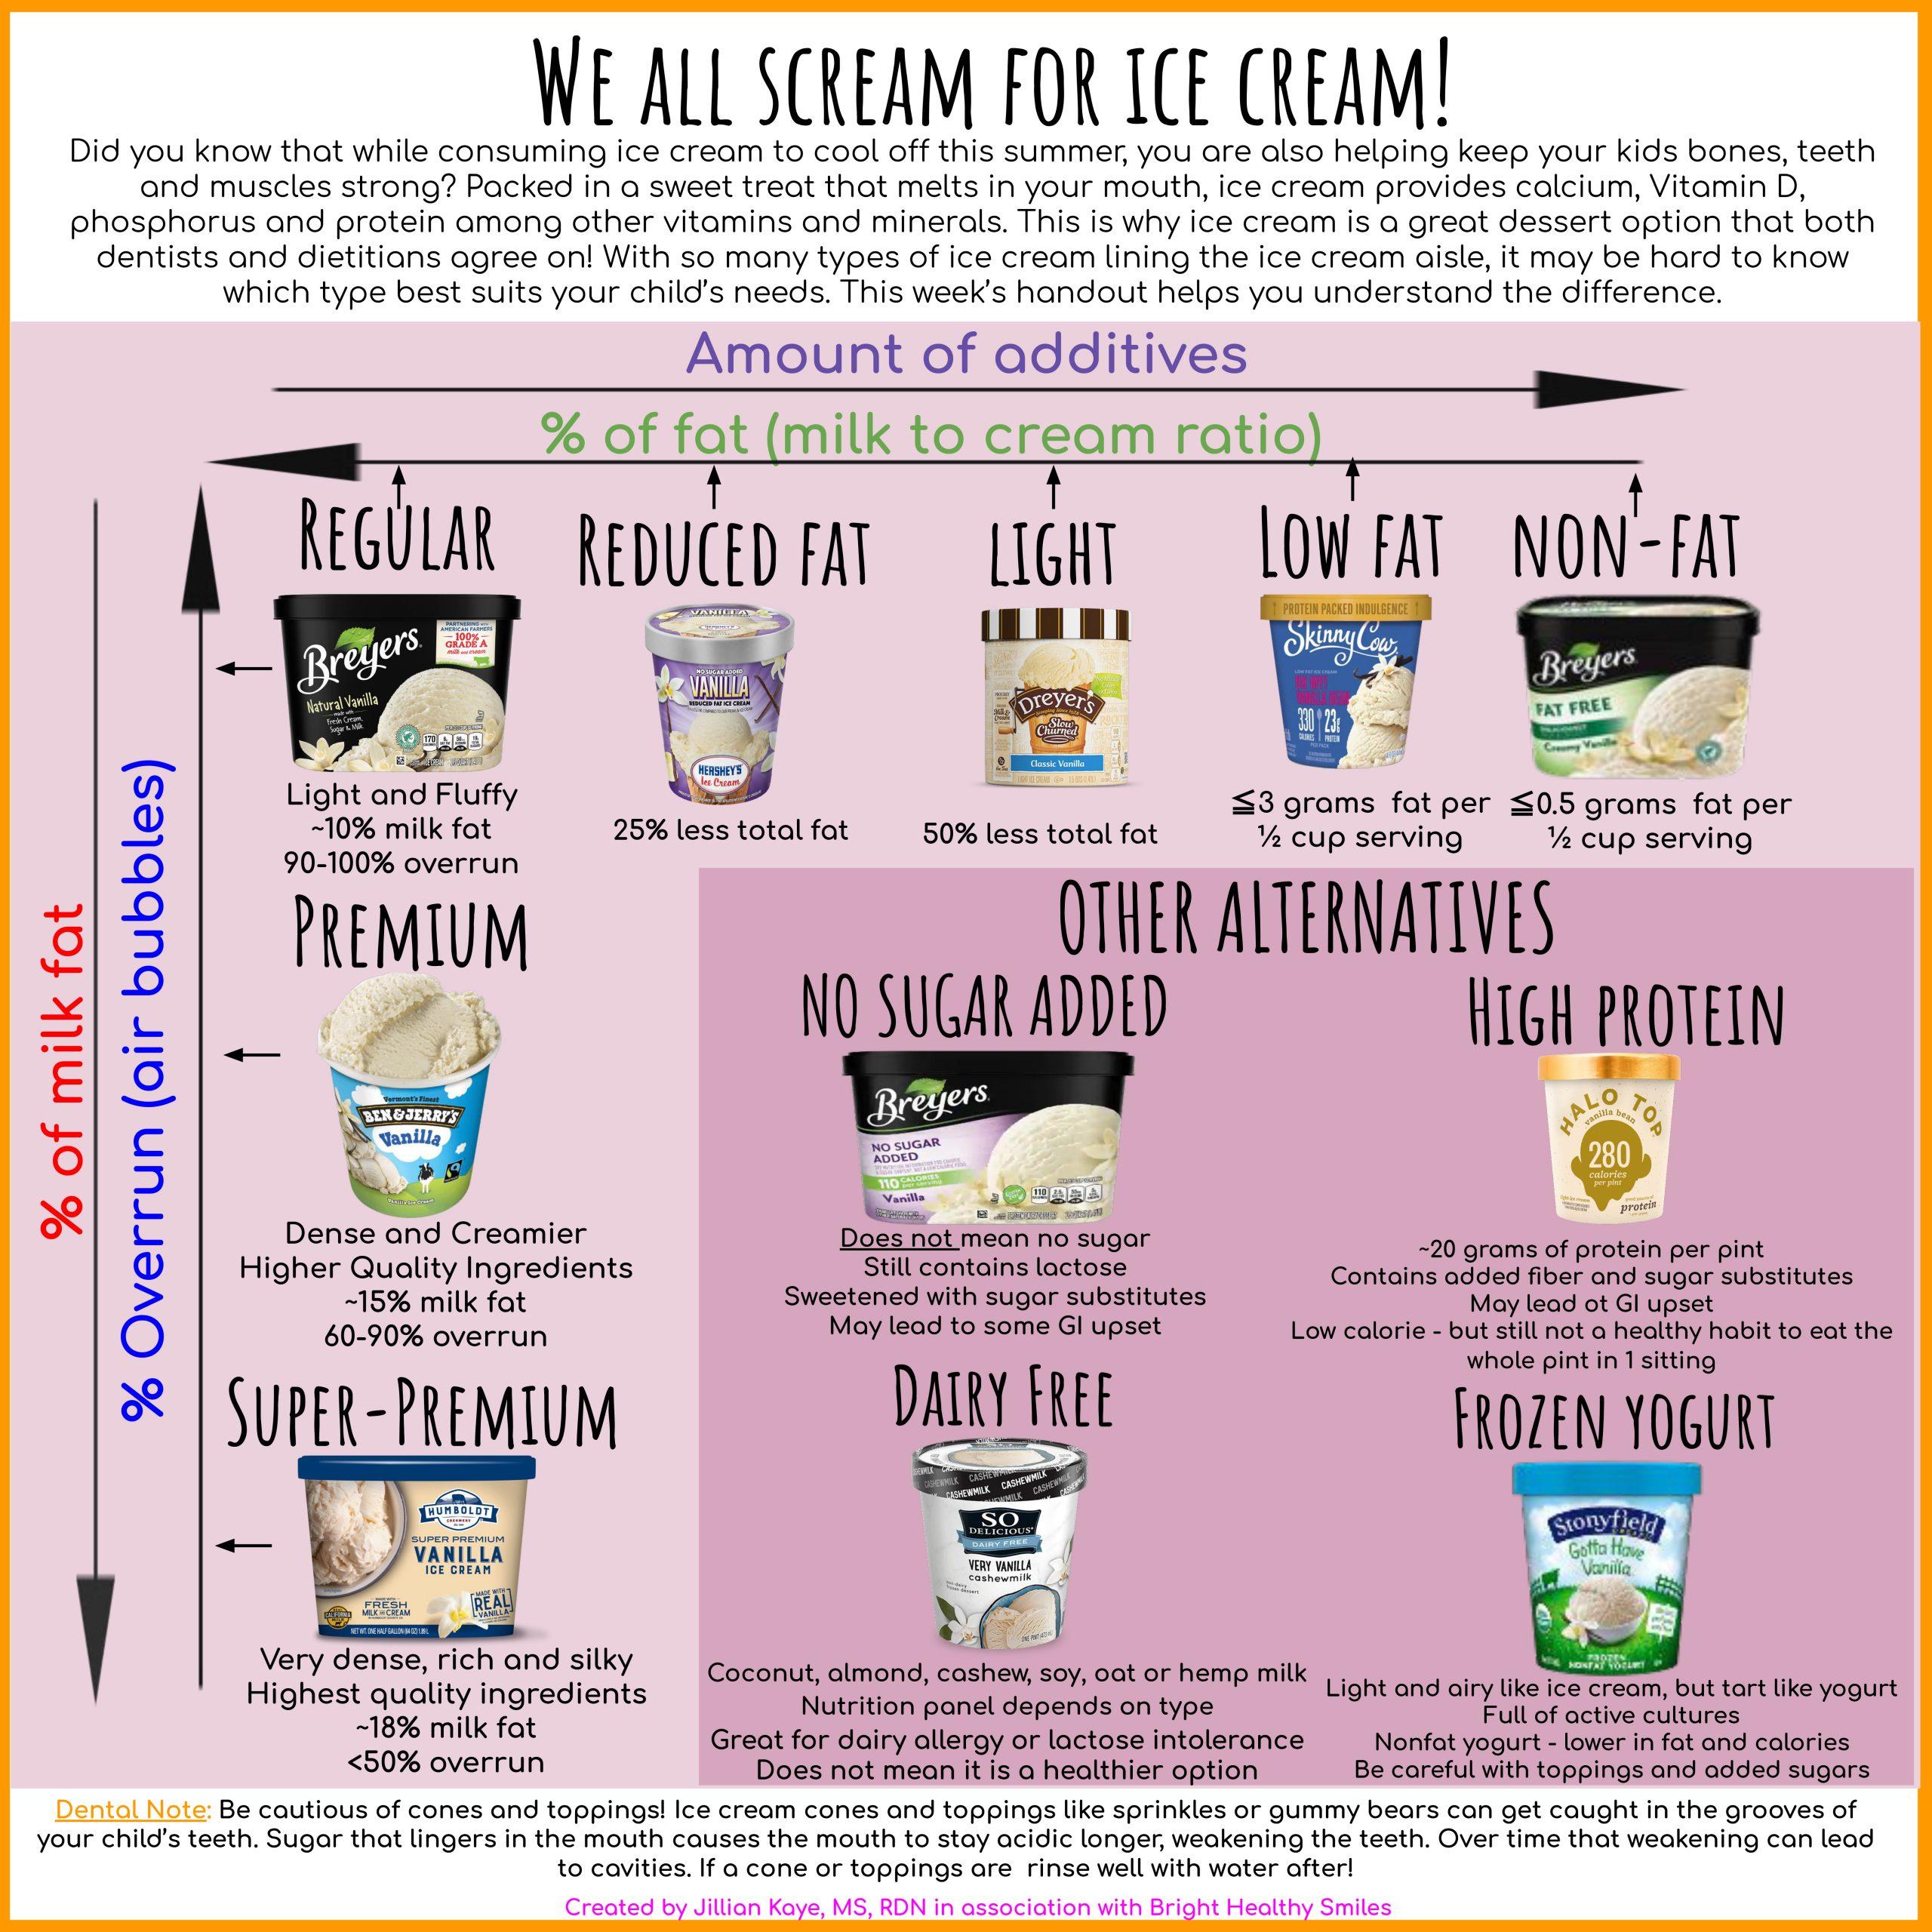 We all scream for ice cream!